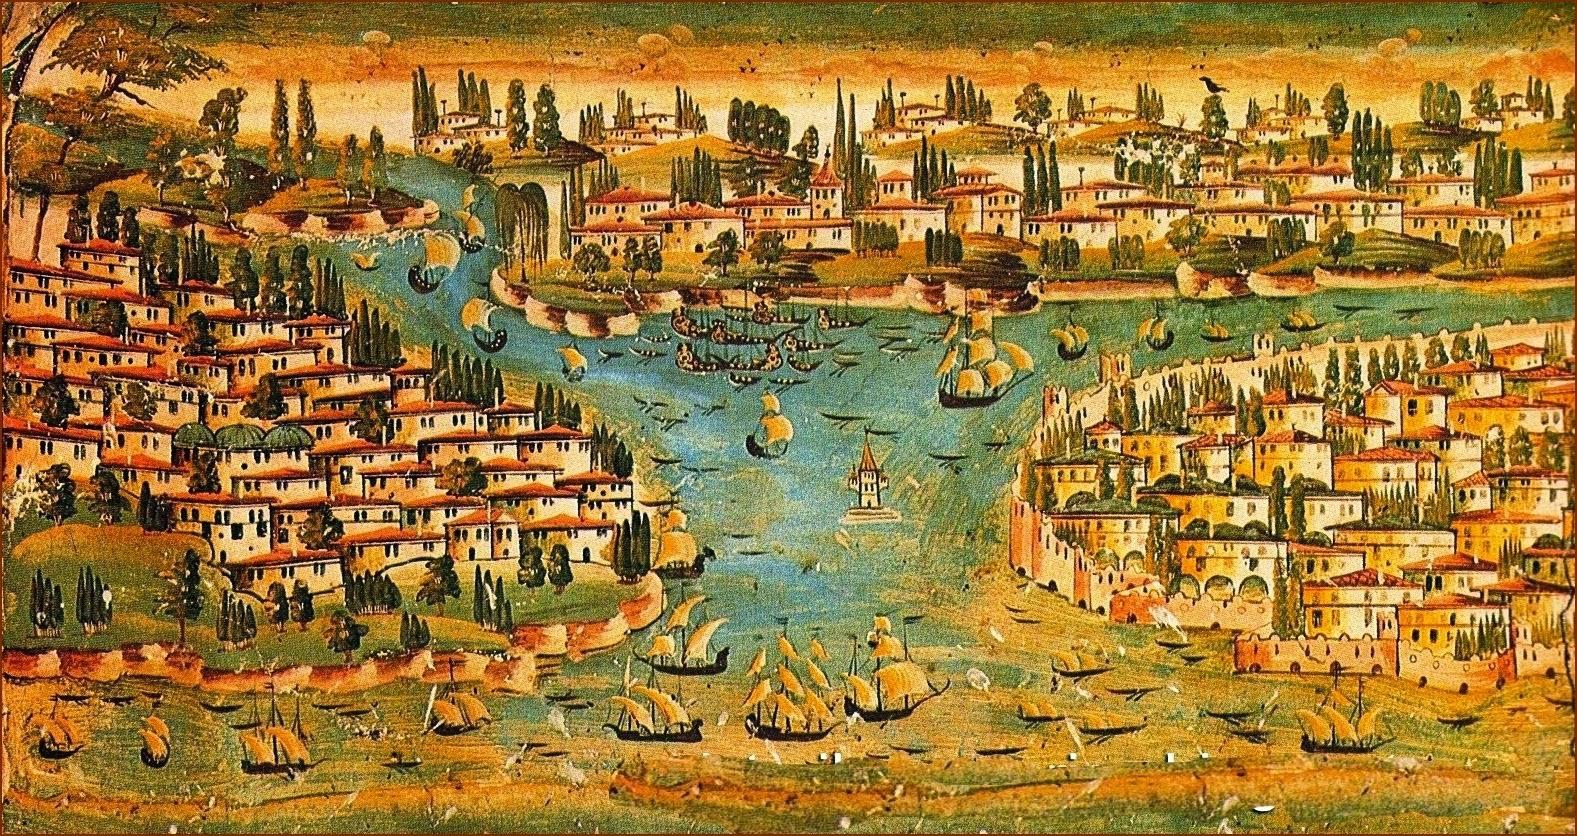 Τοιχογραφία σε αρχοντικό της Καστοριάς. 18ος αιών